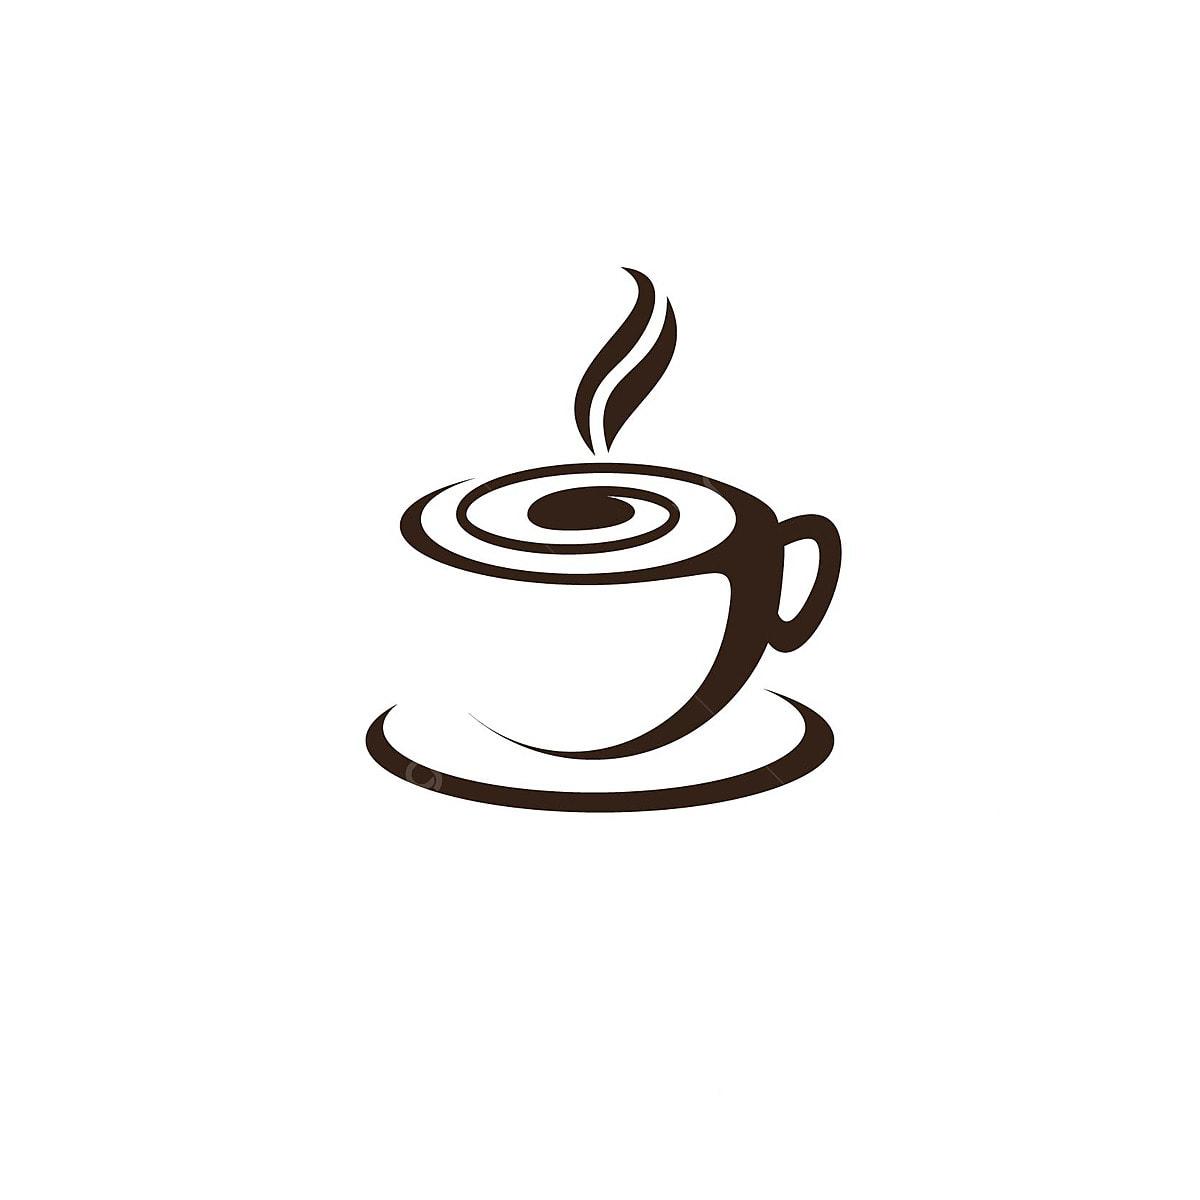 Taza De Cafe Vector Logo Design Template Design Coffee Shop Logo Icon Descarga Gratuita De Plantilla En Pngtree